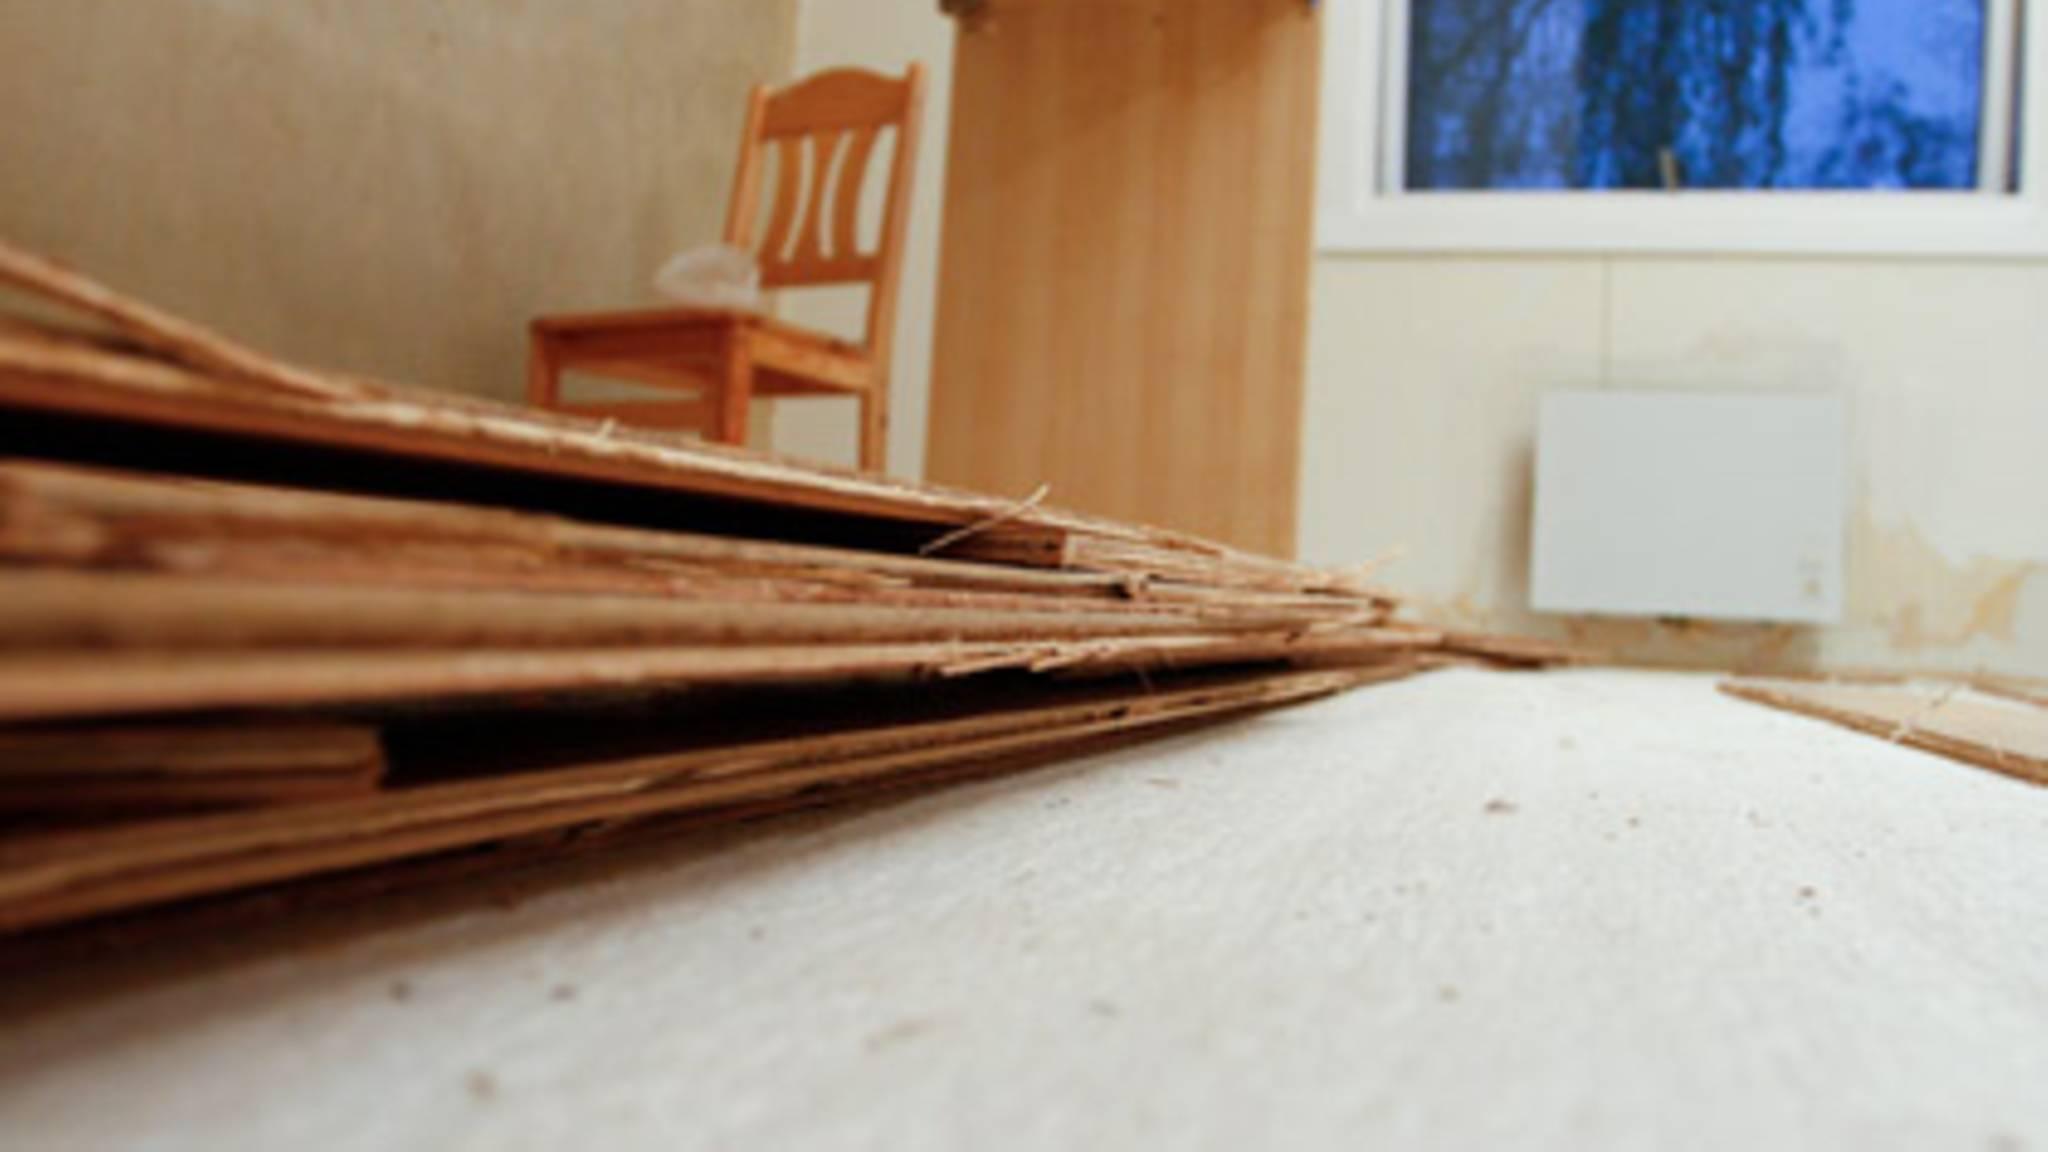 Wohnung Mieten Fußboden ~ Umbauten in mietwohnungen selbst ist der mieter stern